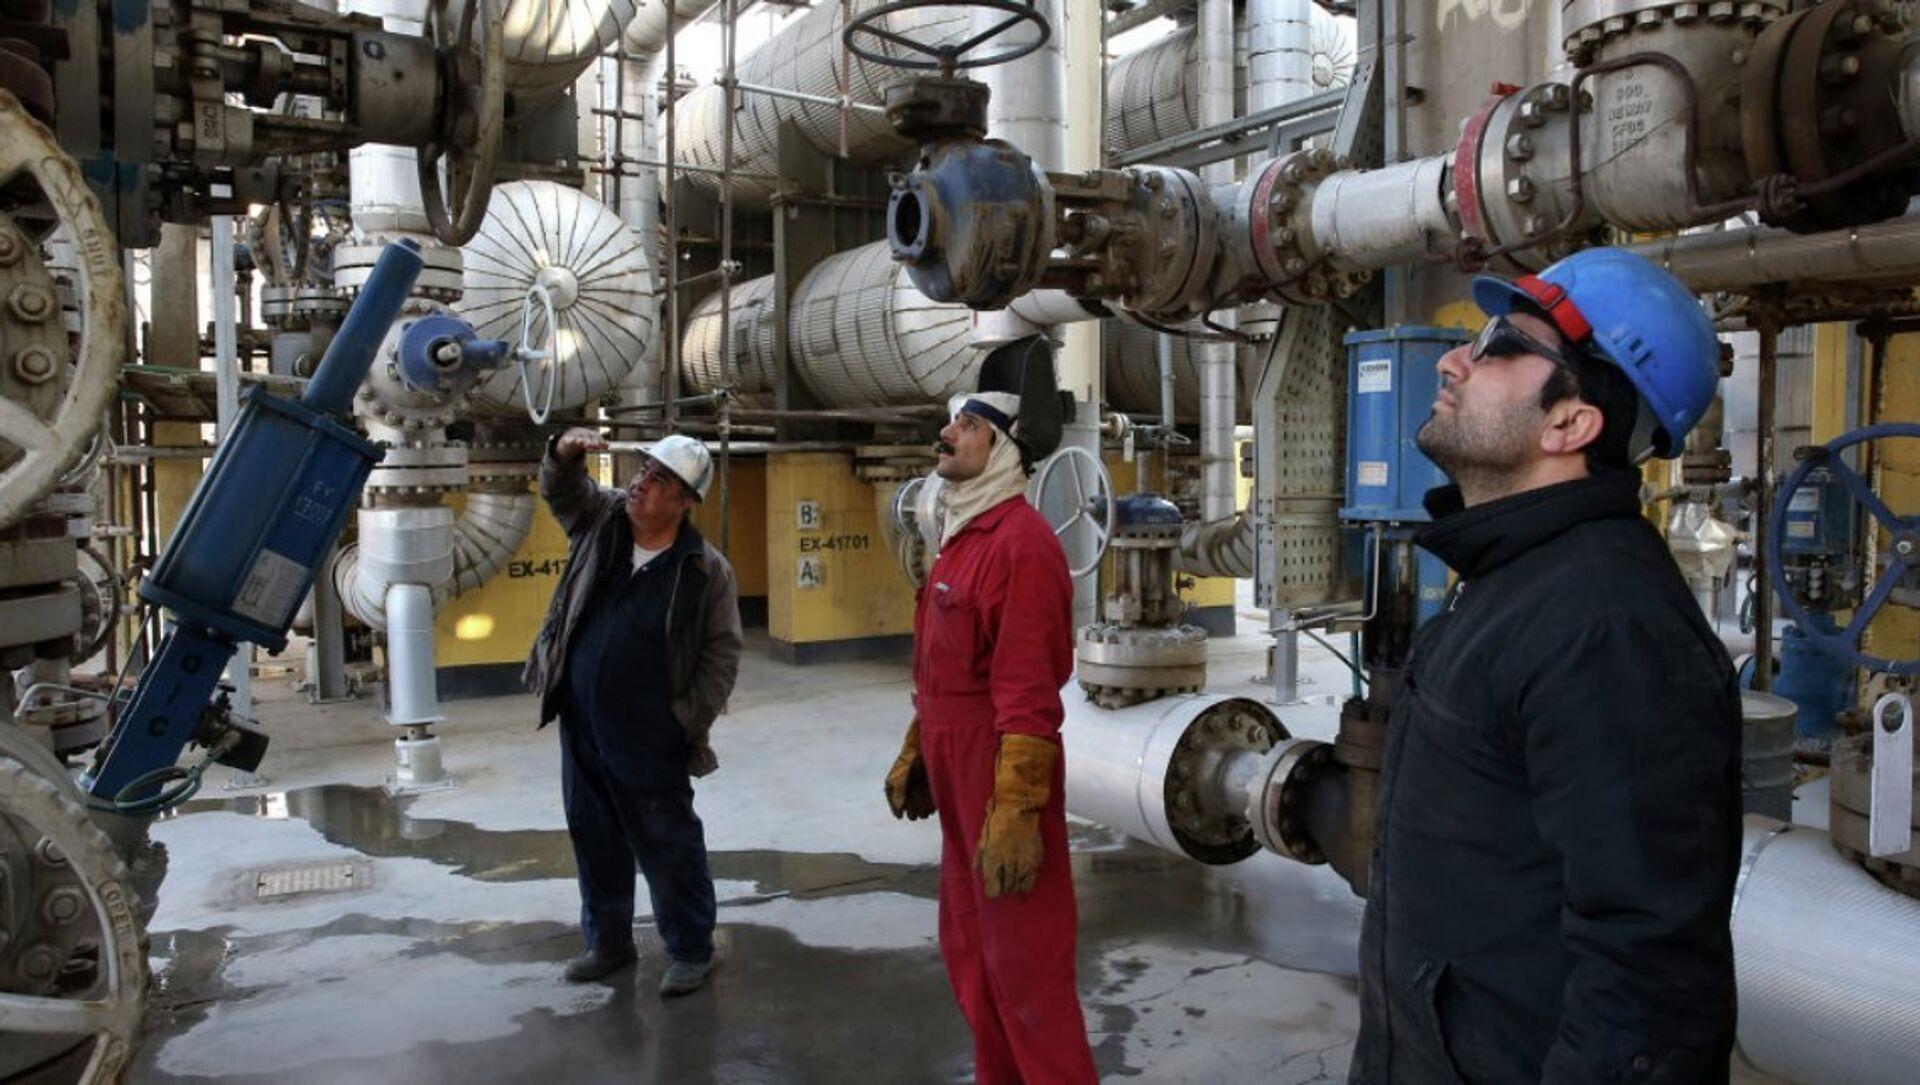 Rusya'nın petrol üretim şirketi Lukoil - Sputnik Türkiye, 1920, 30.07.2021